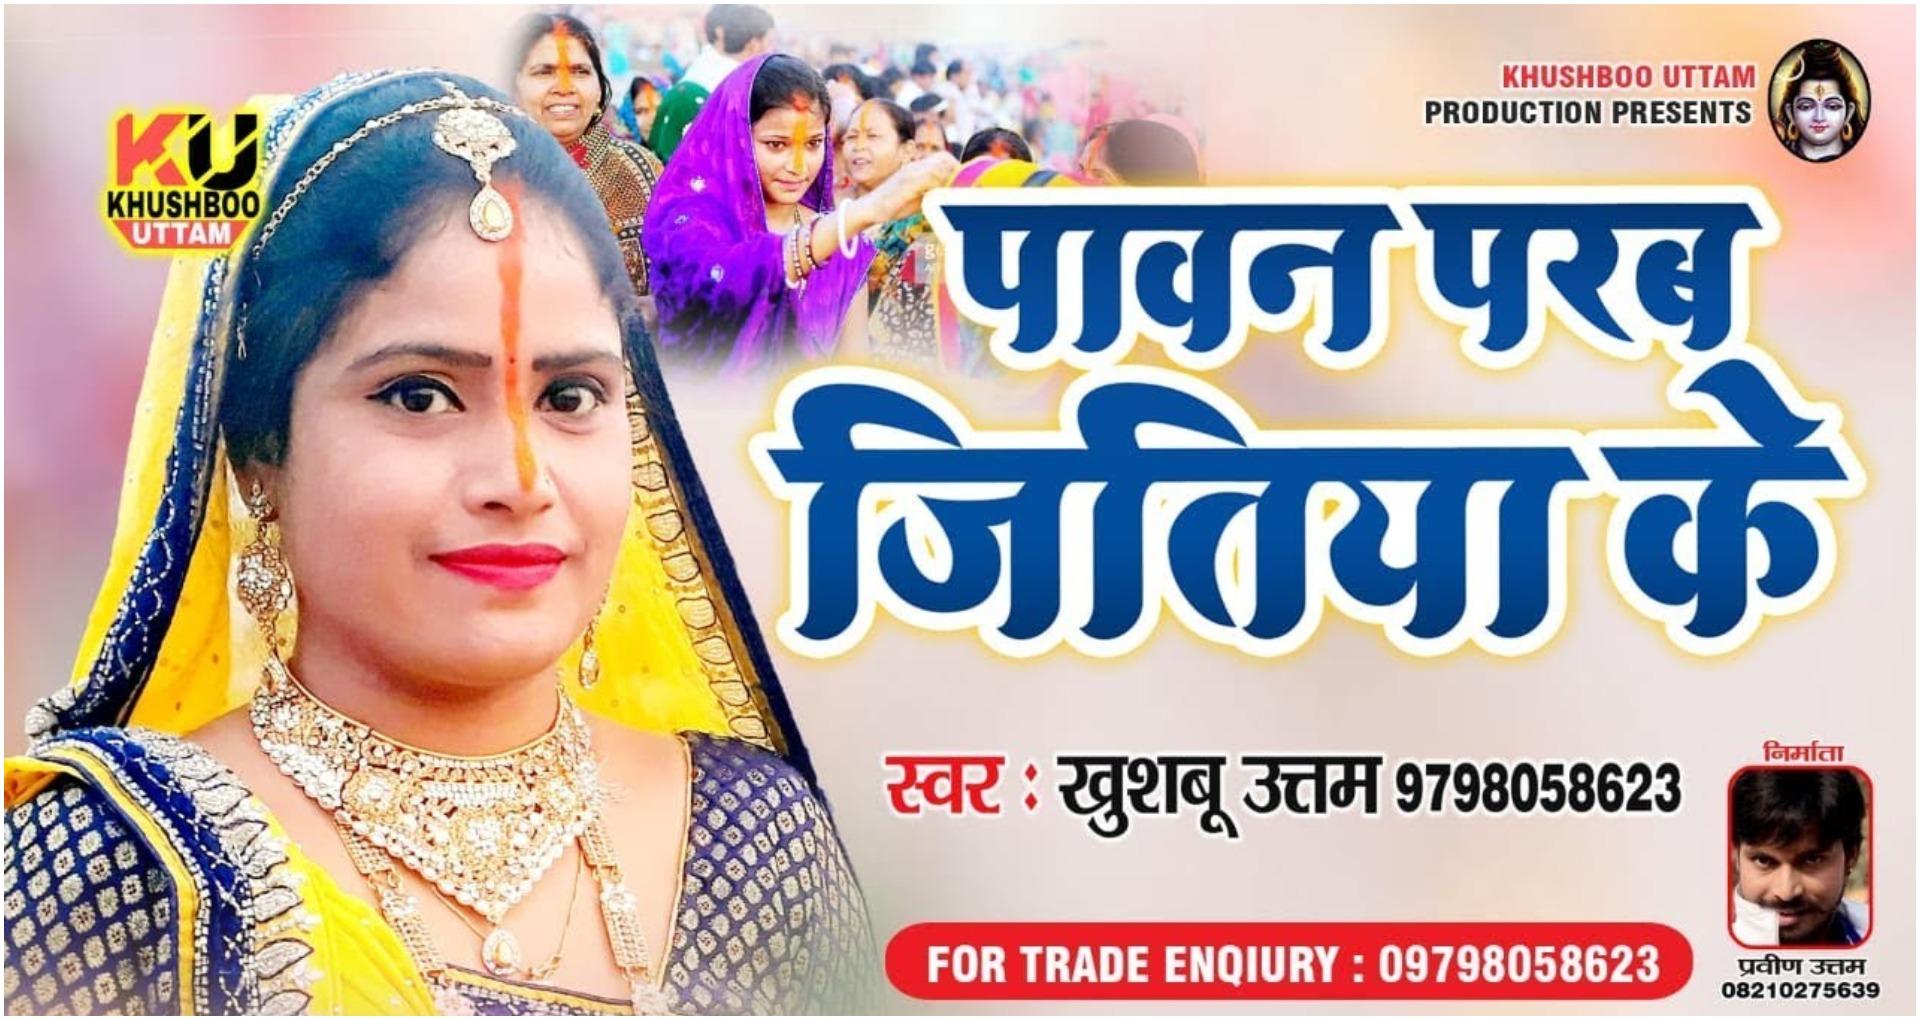 Jivitputrika Vrat 2019: भोजपुरी सिंगर खुशबू उत्तम ने जितिया व्रत पर गाया खूबसूरत गाना, देखिए वीडियो